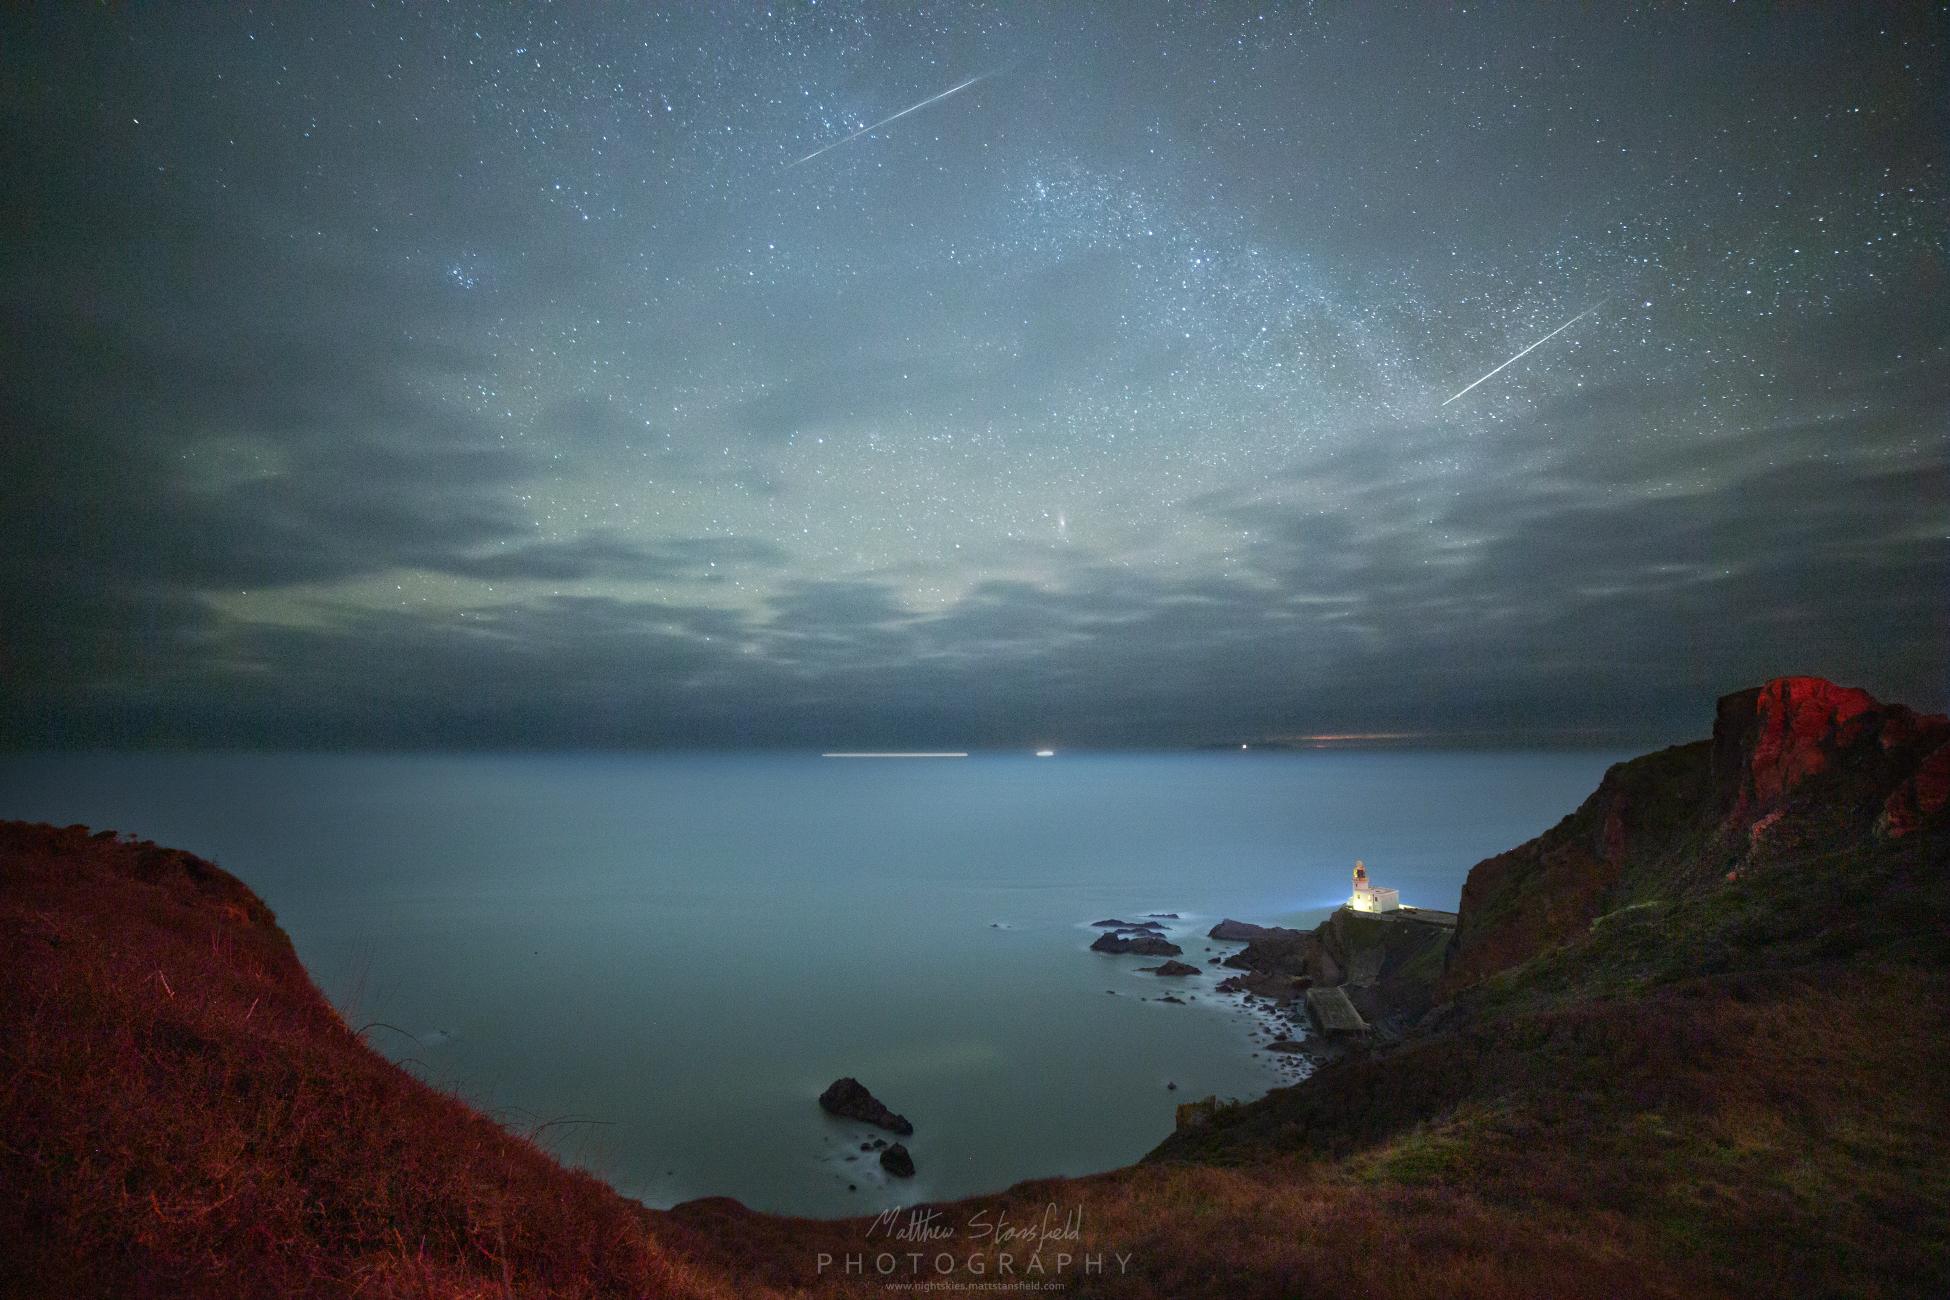 Heartland Point Lighthouse